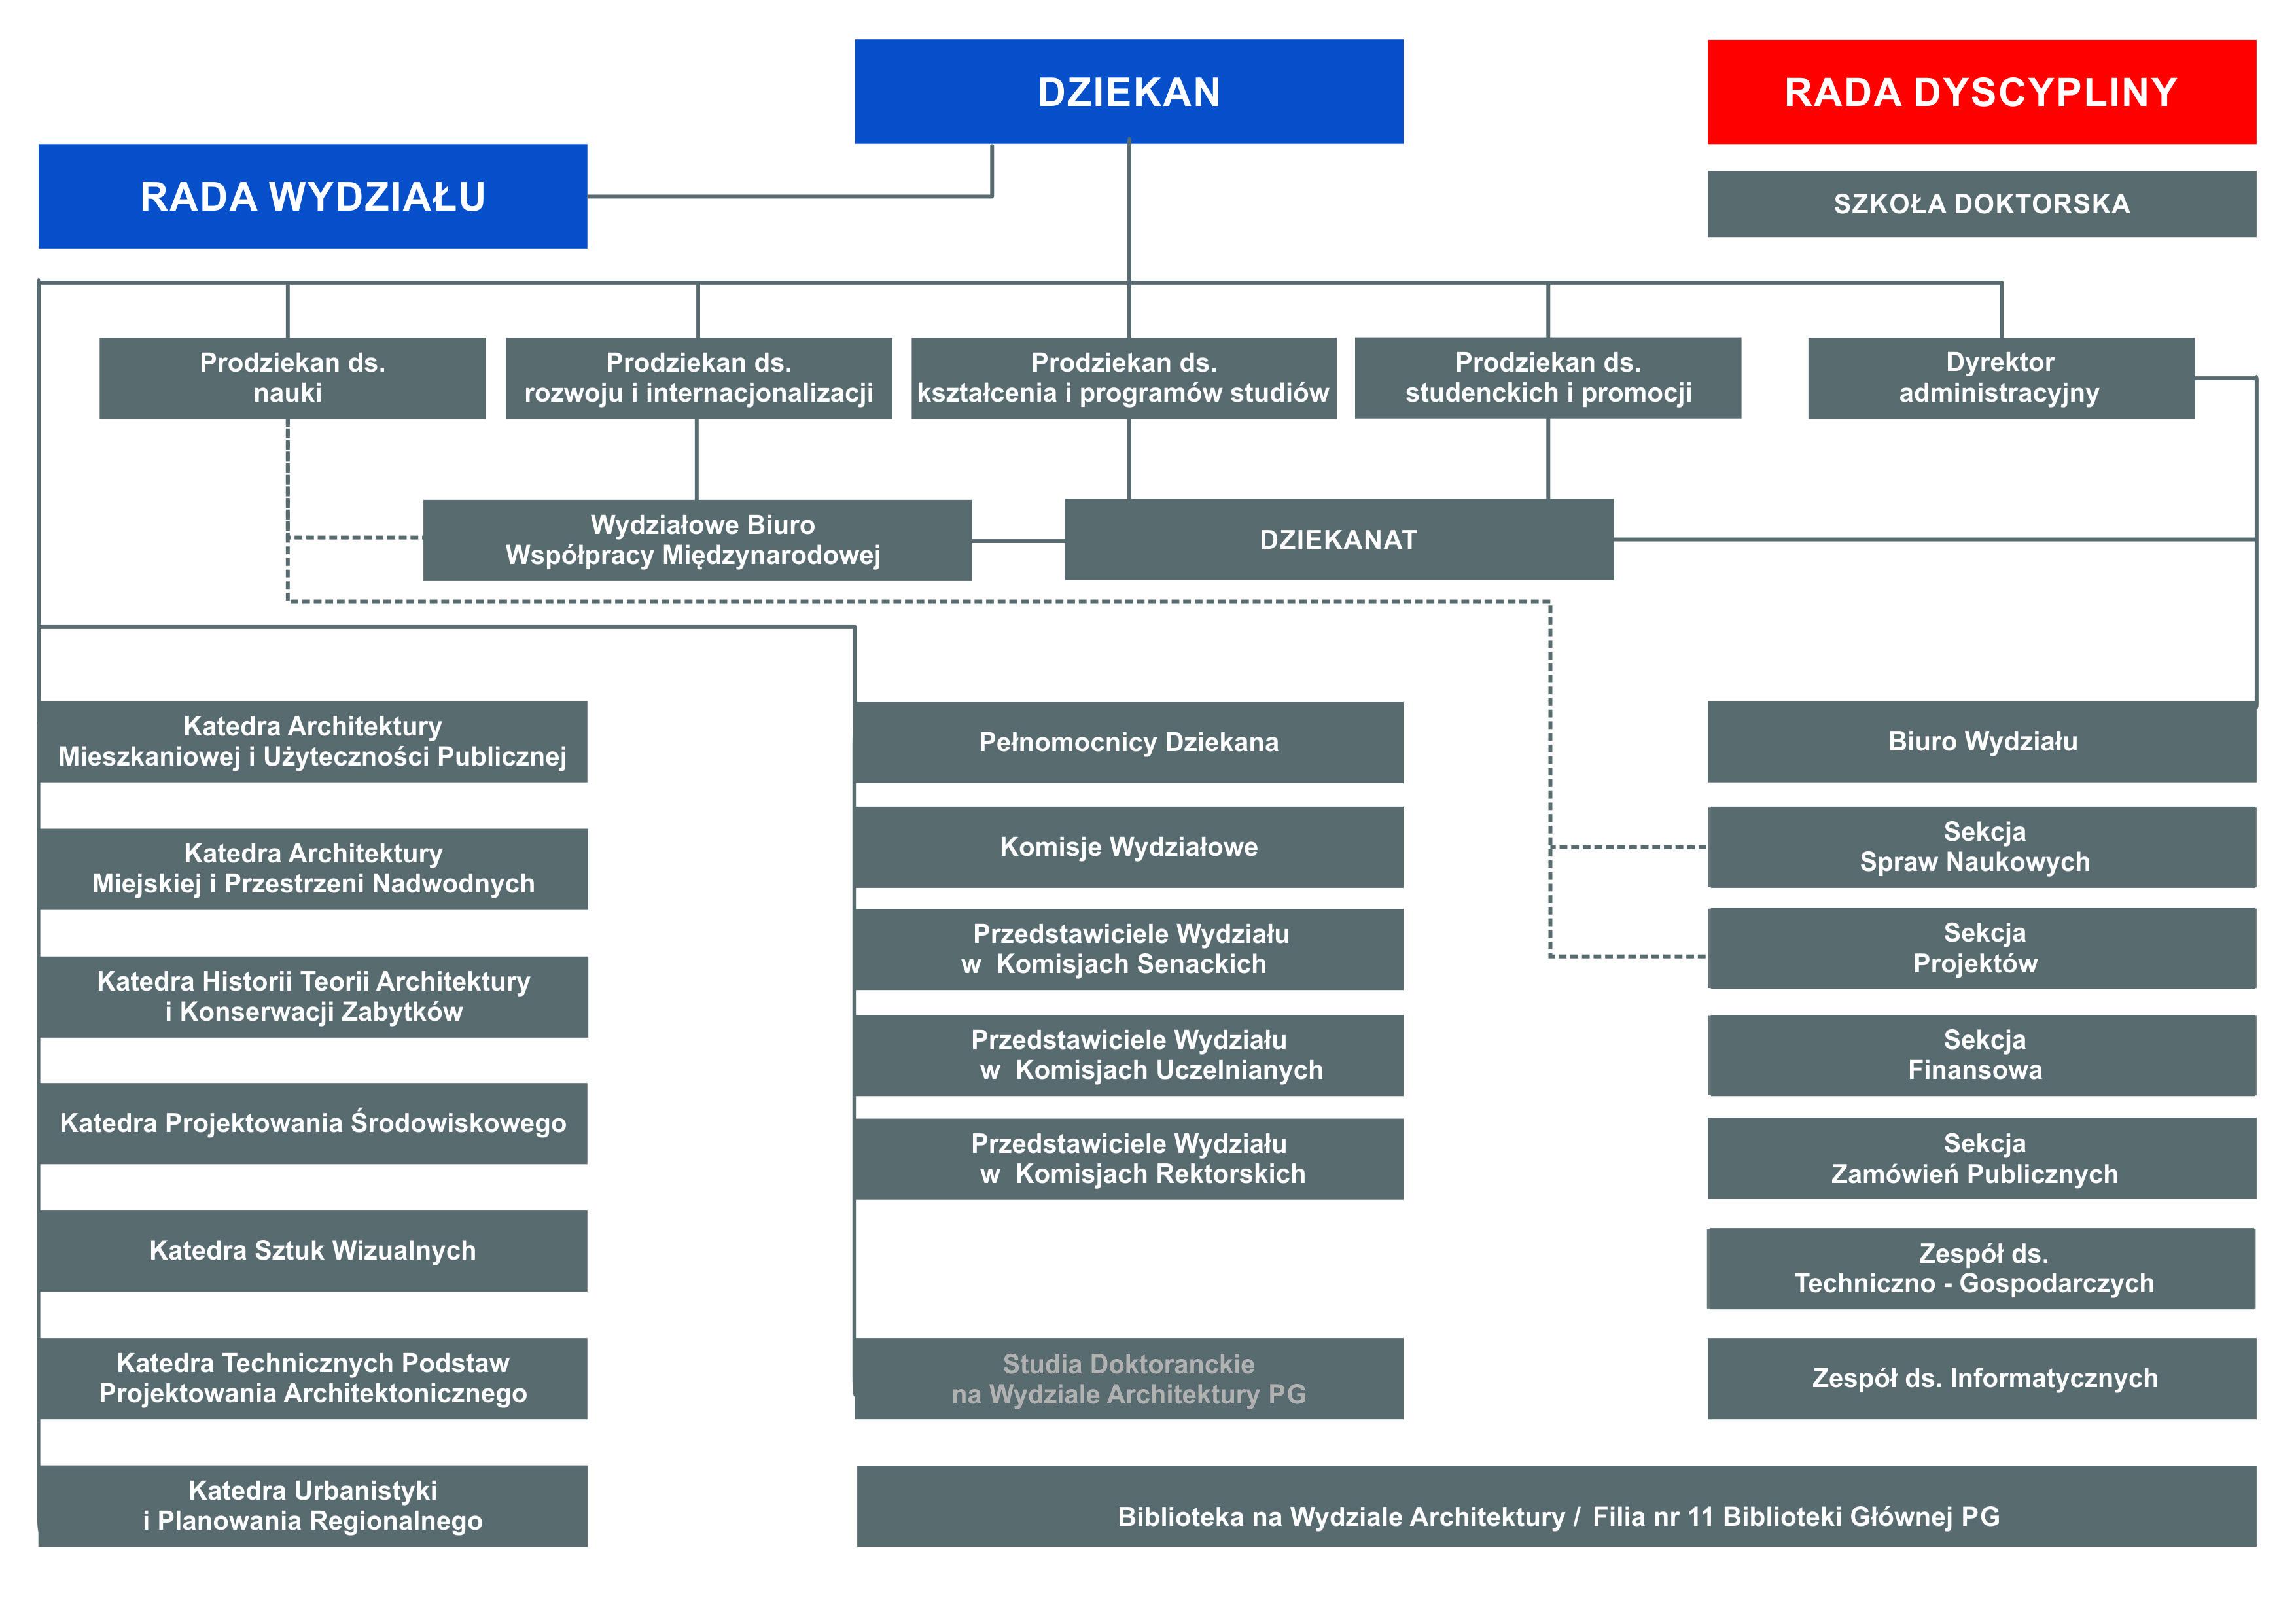 schemat pokazujący strukturę organizacyjną Wydziału Architektury